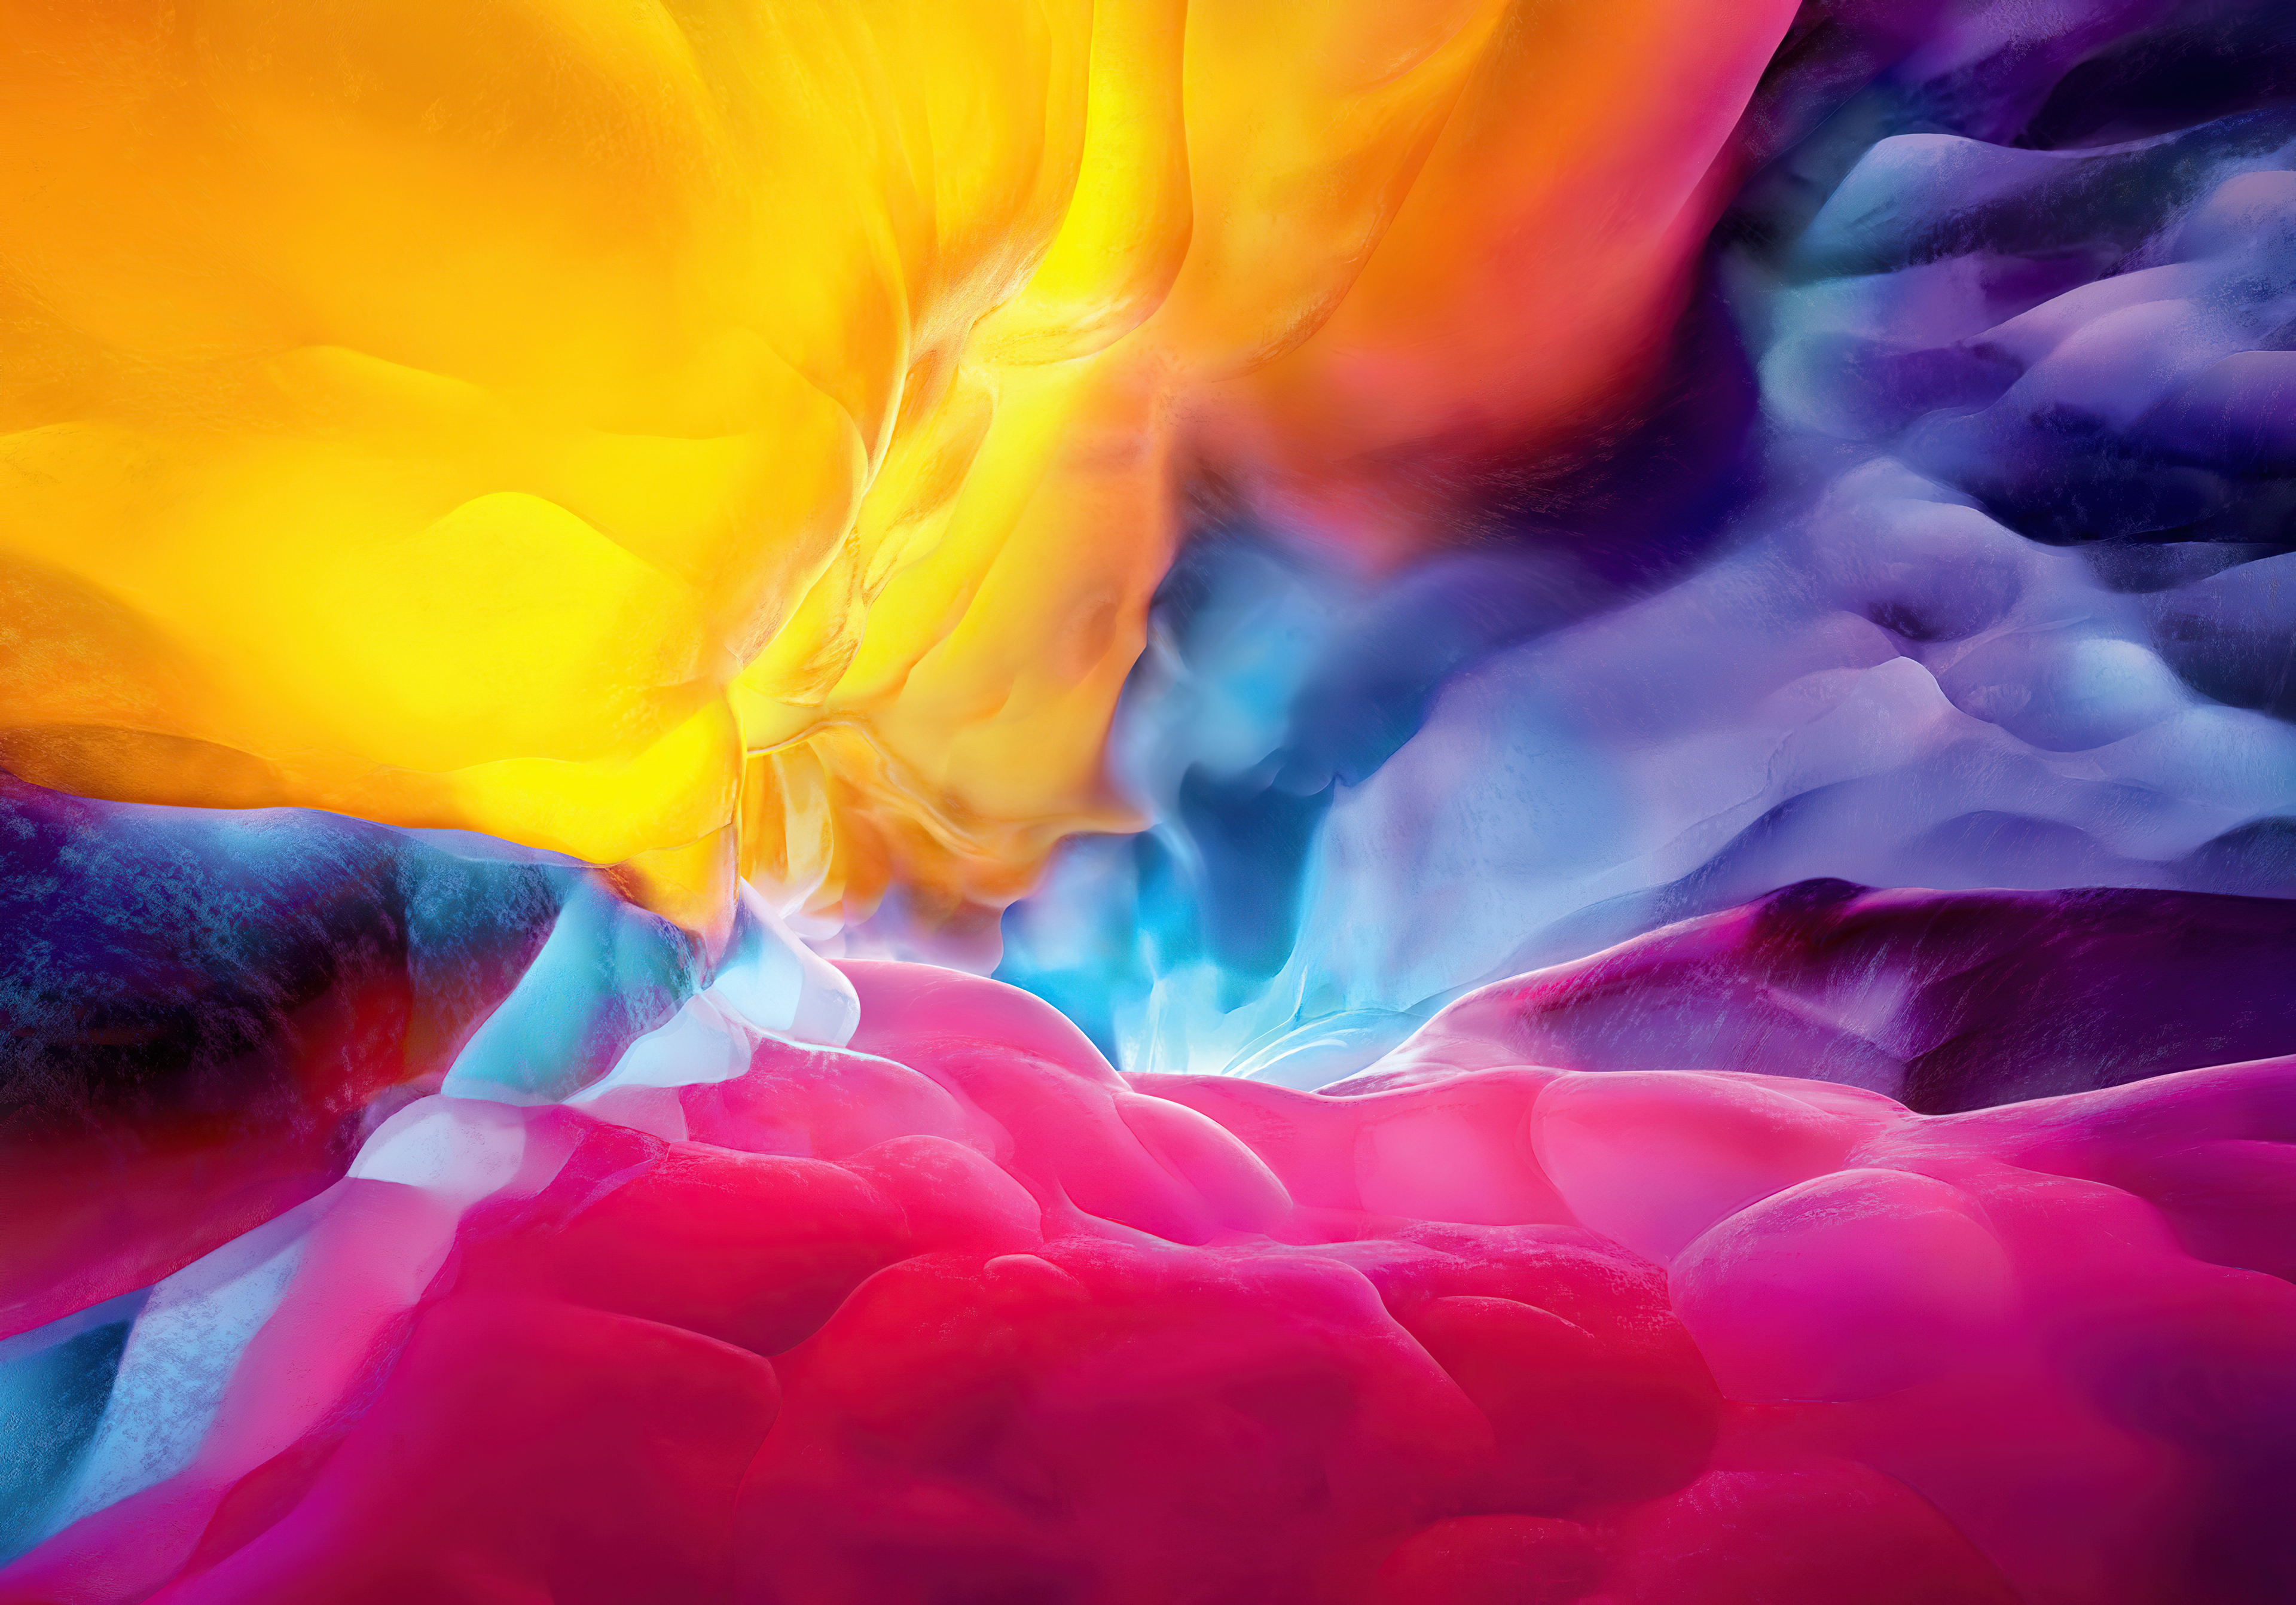 Fondos de pantalla Explosión de colores